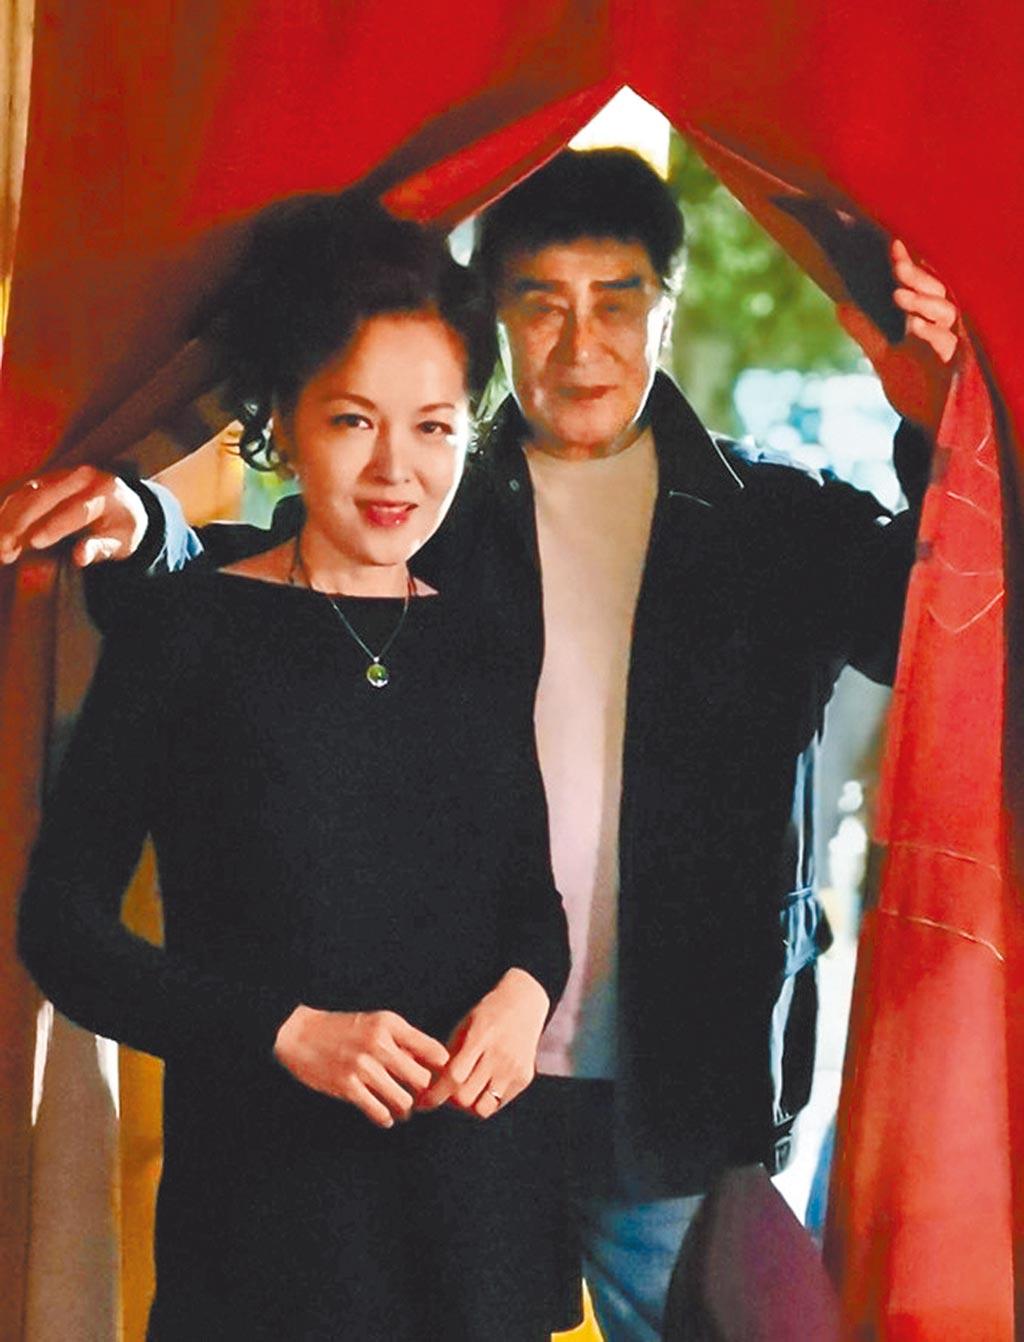 王冠雄(右)對妻子姜文淑十分疼愛,夫妻鶼鰈情深。(摘自臉書)